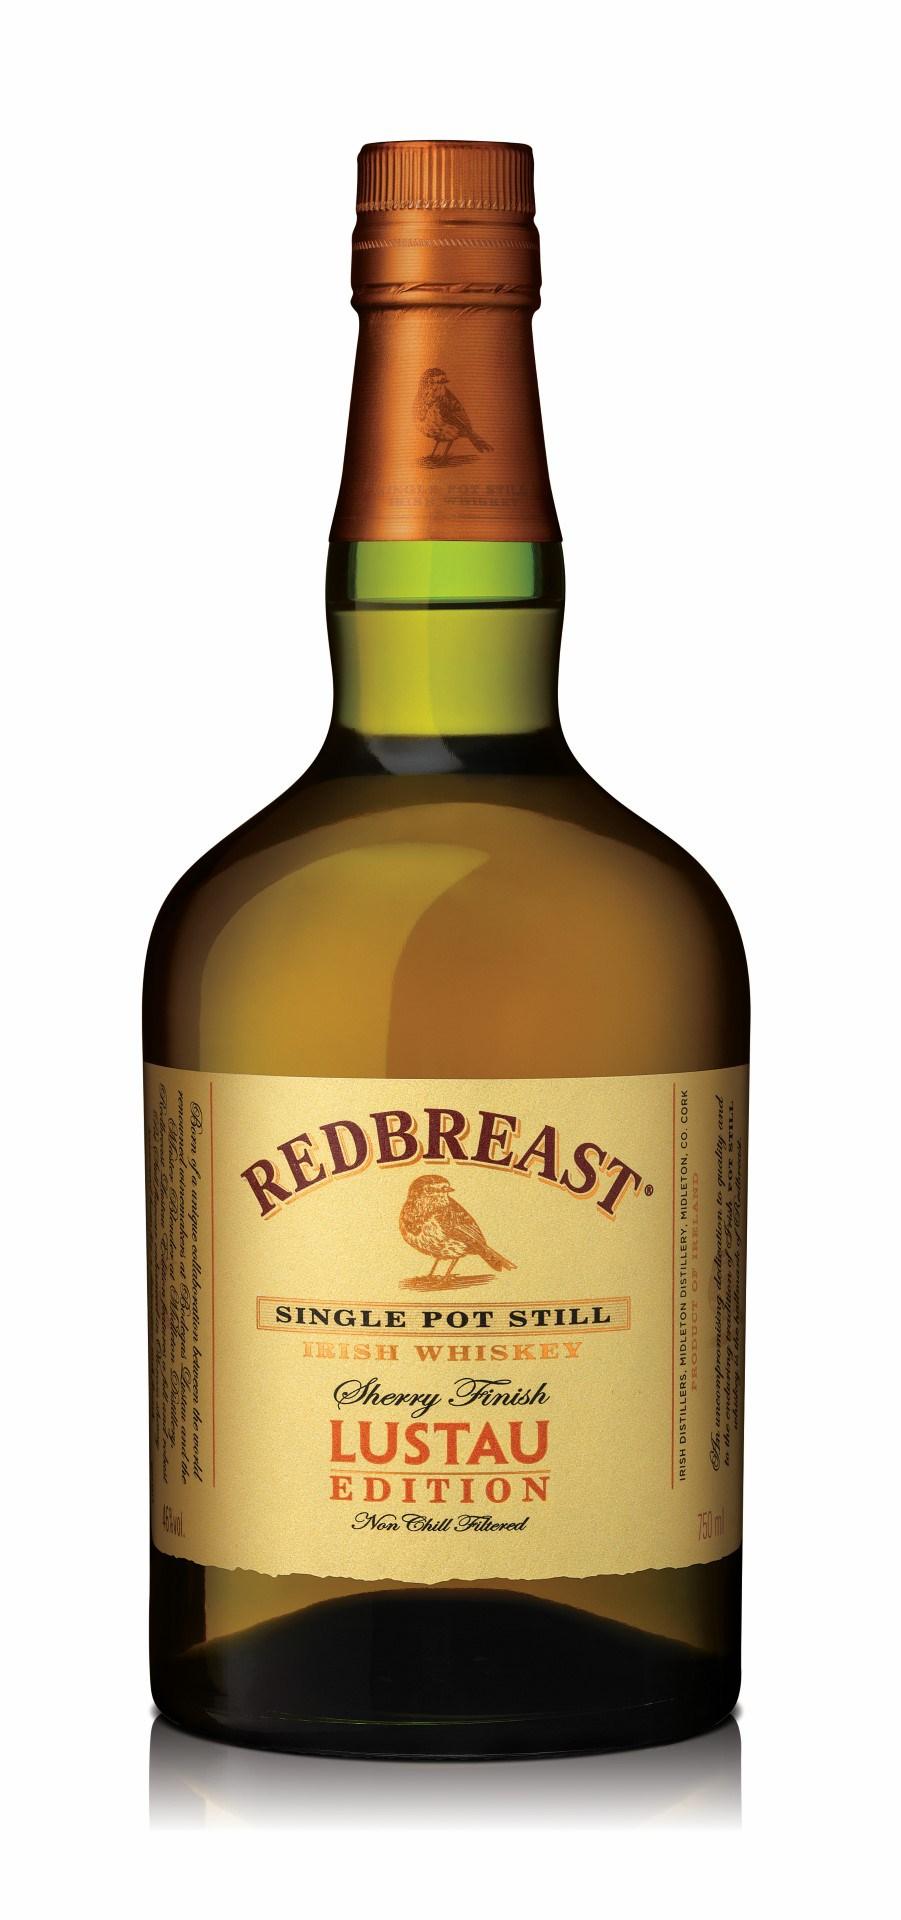 Redbreast Whiskey Lustau Edition Sherry Finish Single Pot Still Irish Whiskey